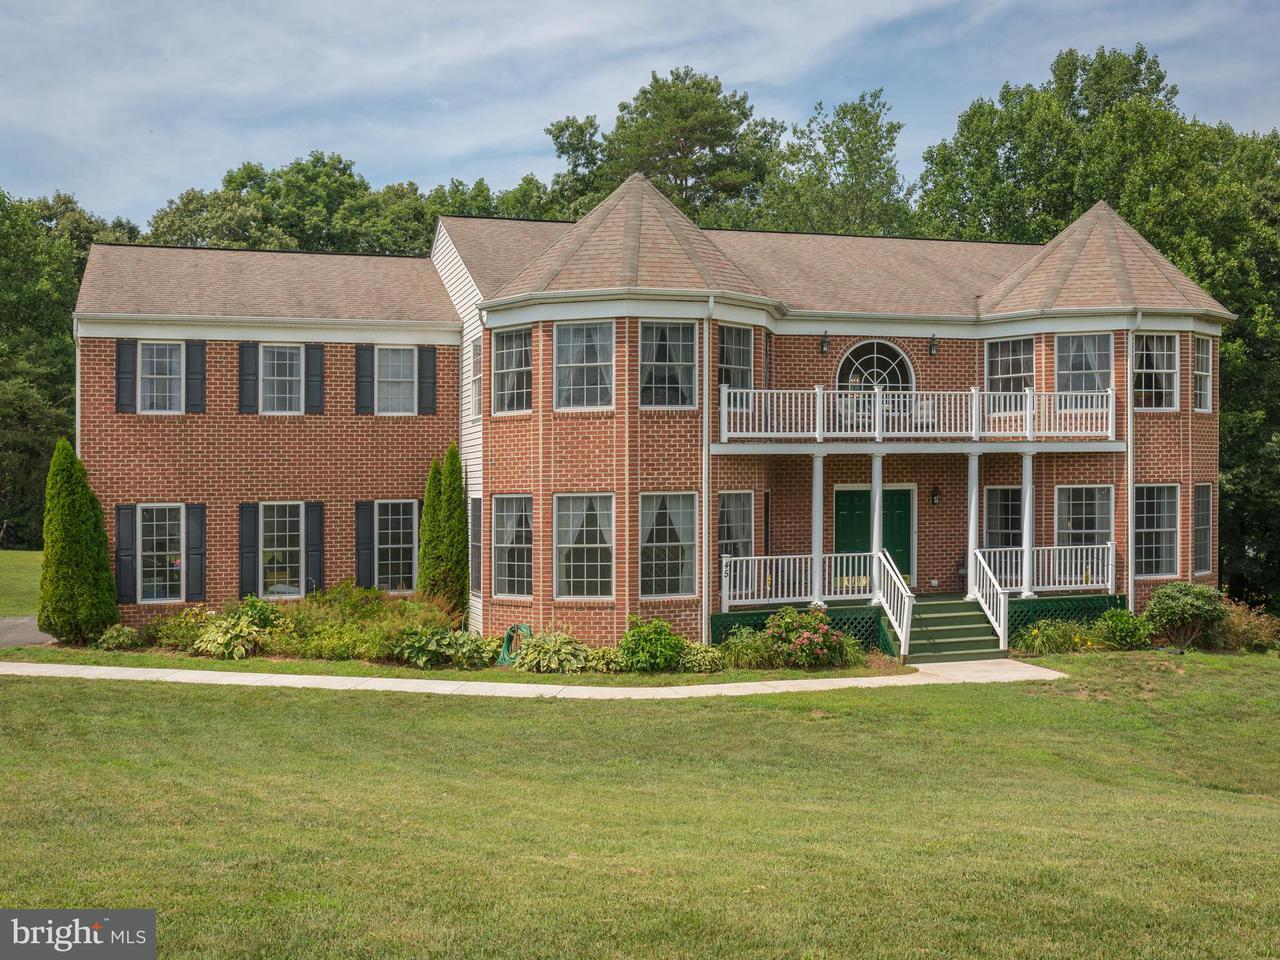 Casa Unifamiliar por un Venta en 45 PINTO Lane 45 PINTO Lane Stafford, Virginia 22556 Estados Unidos